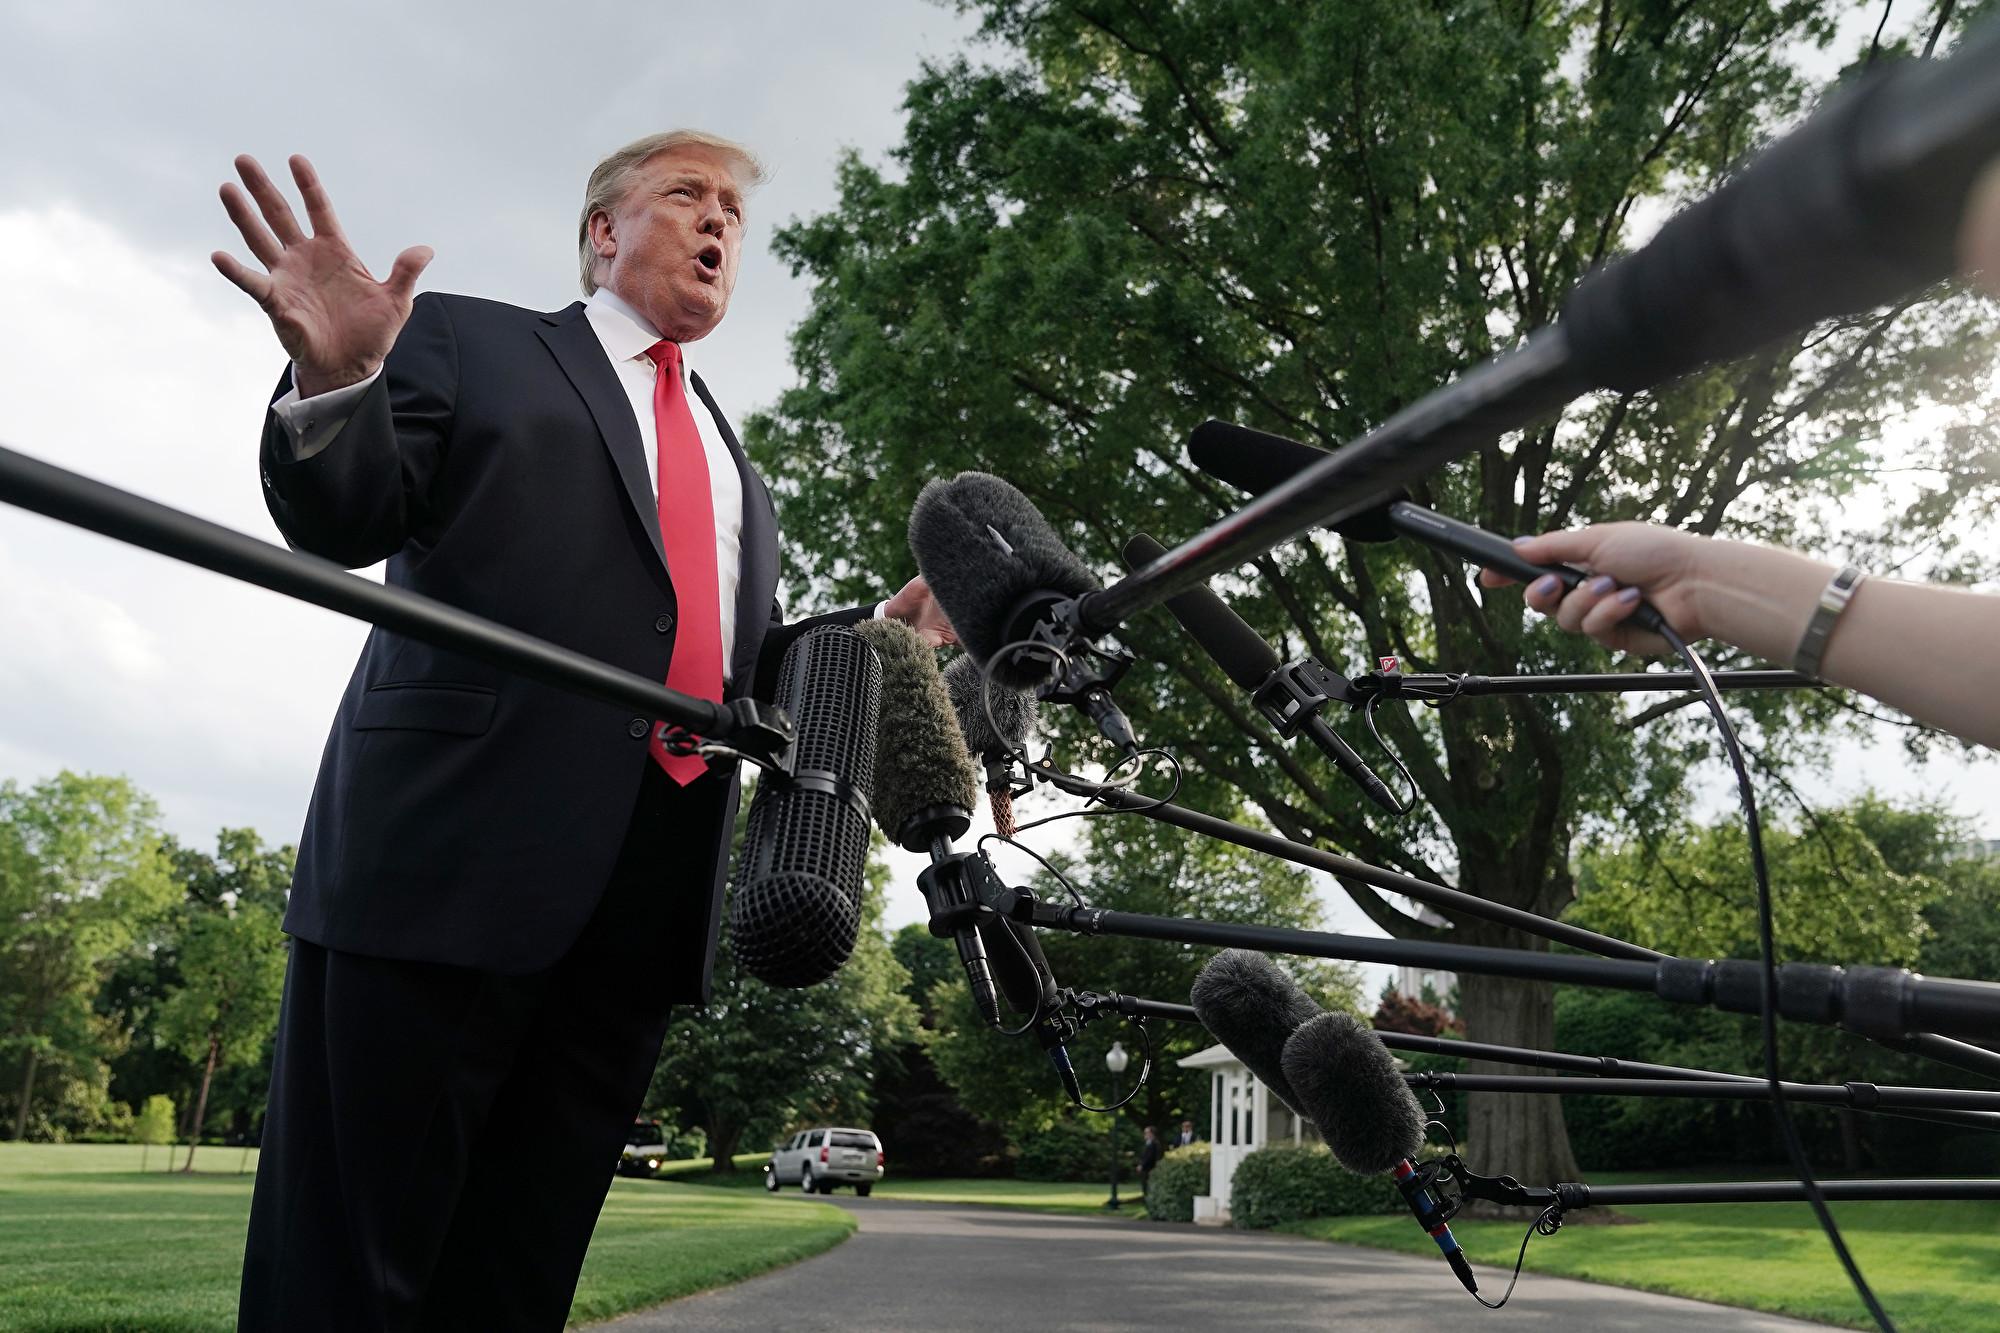 在回答記者提問是否美國將空襲伊朗時,特朗普表示:「你很快會知道」。特朗普未透露更多美國將採取的行動內容。(Chip Somodevilla/Getty Images)